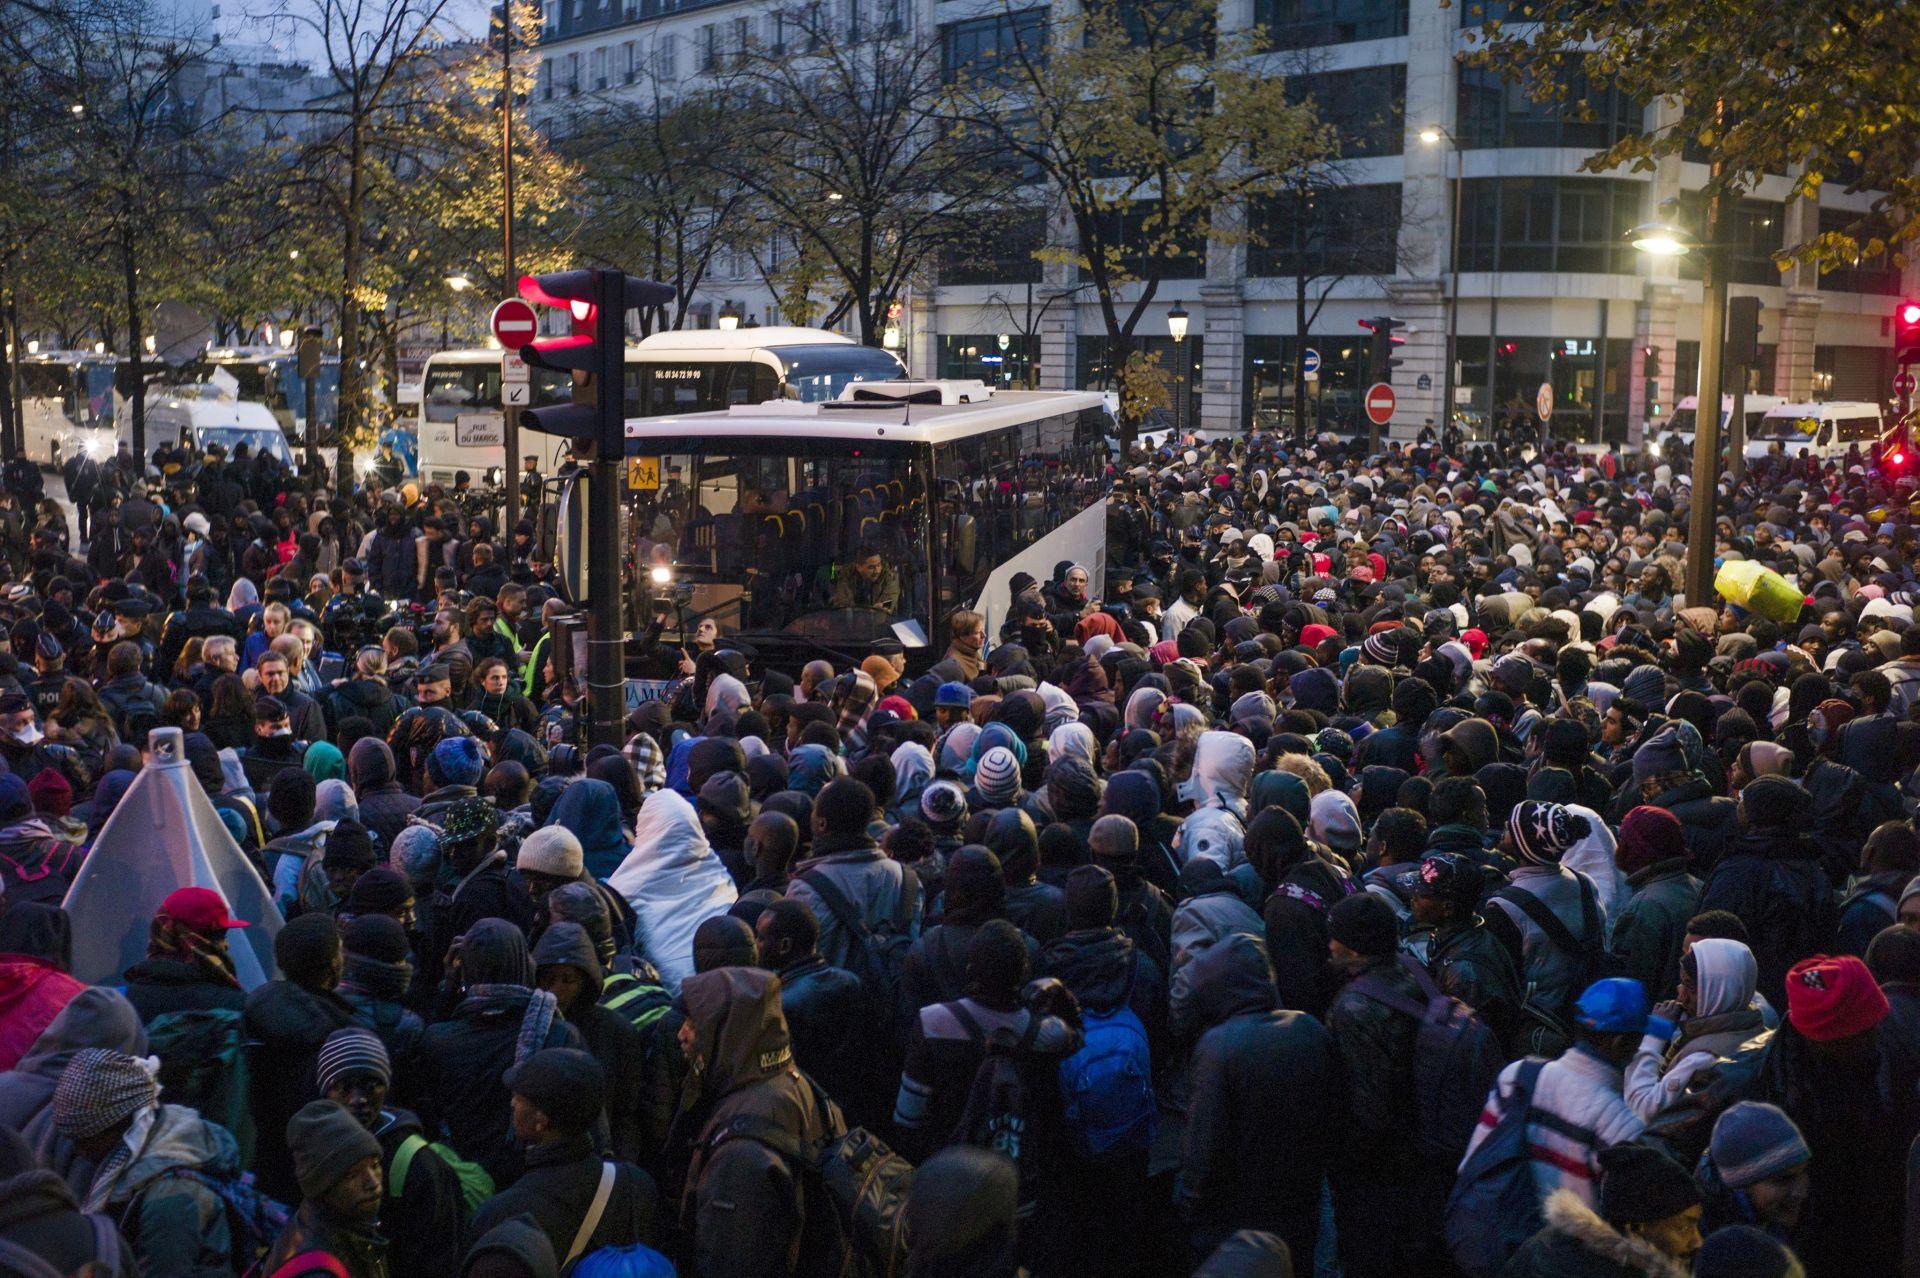 NAKON ZATVARANJA CALAISA: Policija počela evakuirati migrante iz Pariza